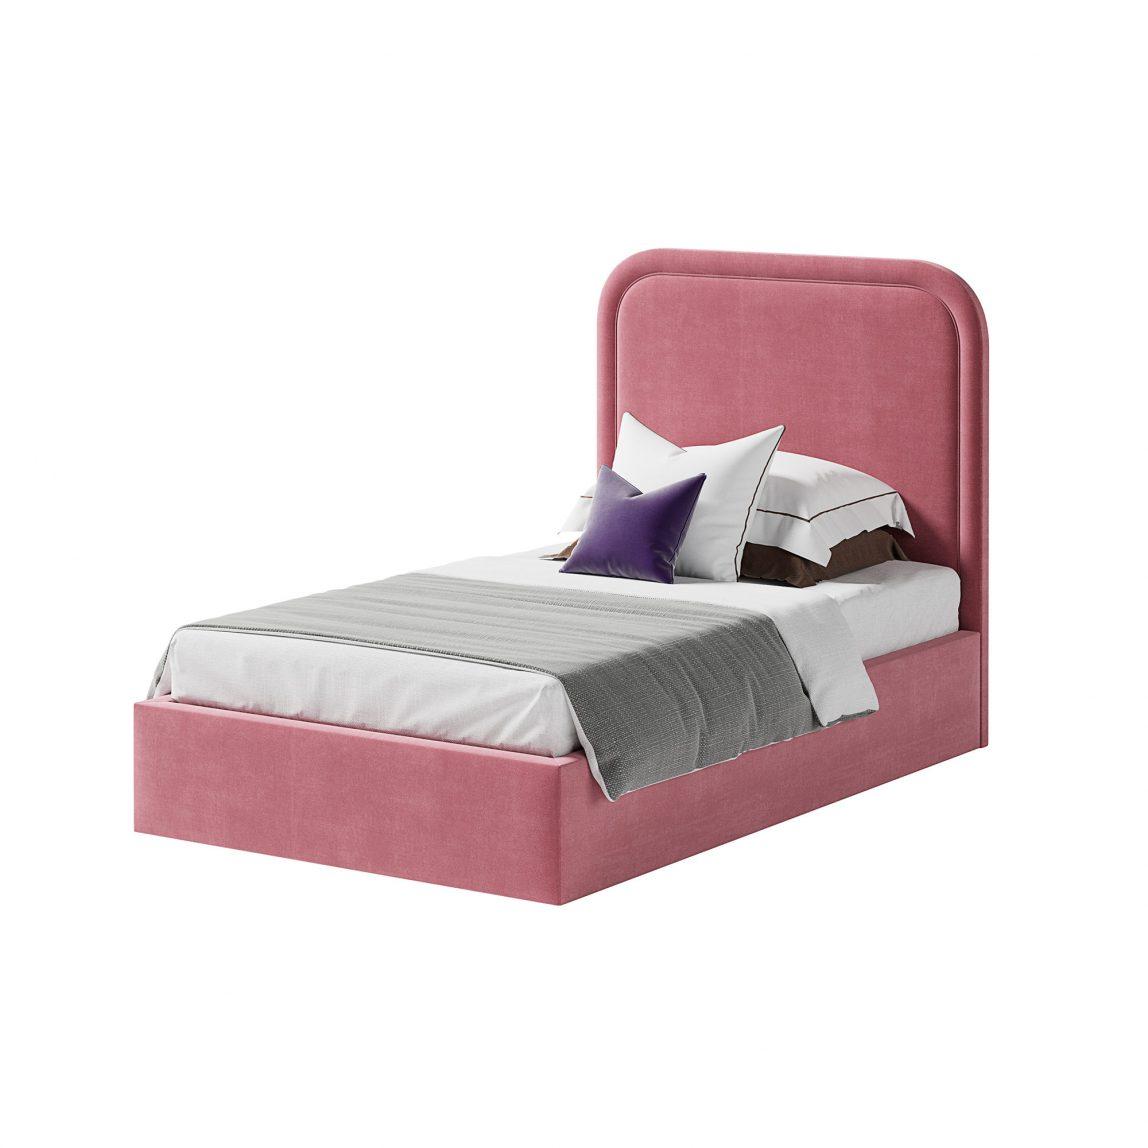 Односпальная кровать Лукас